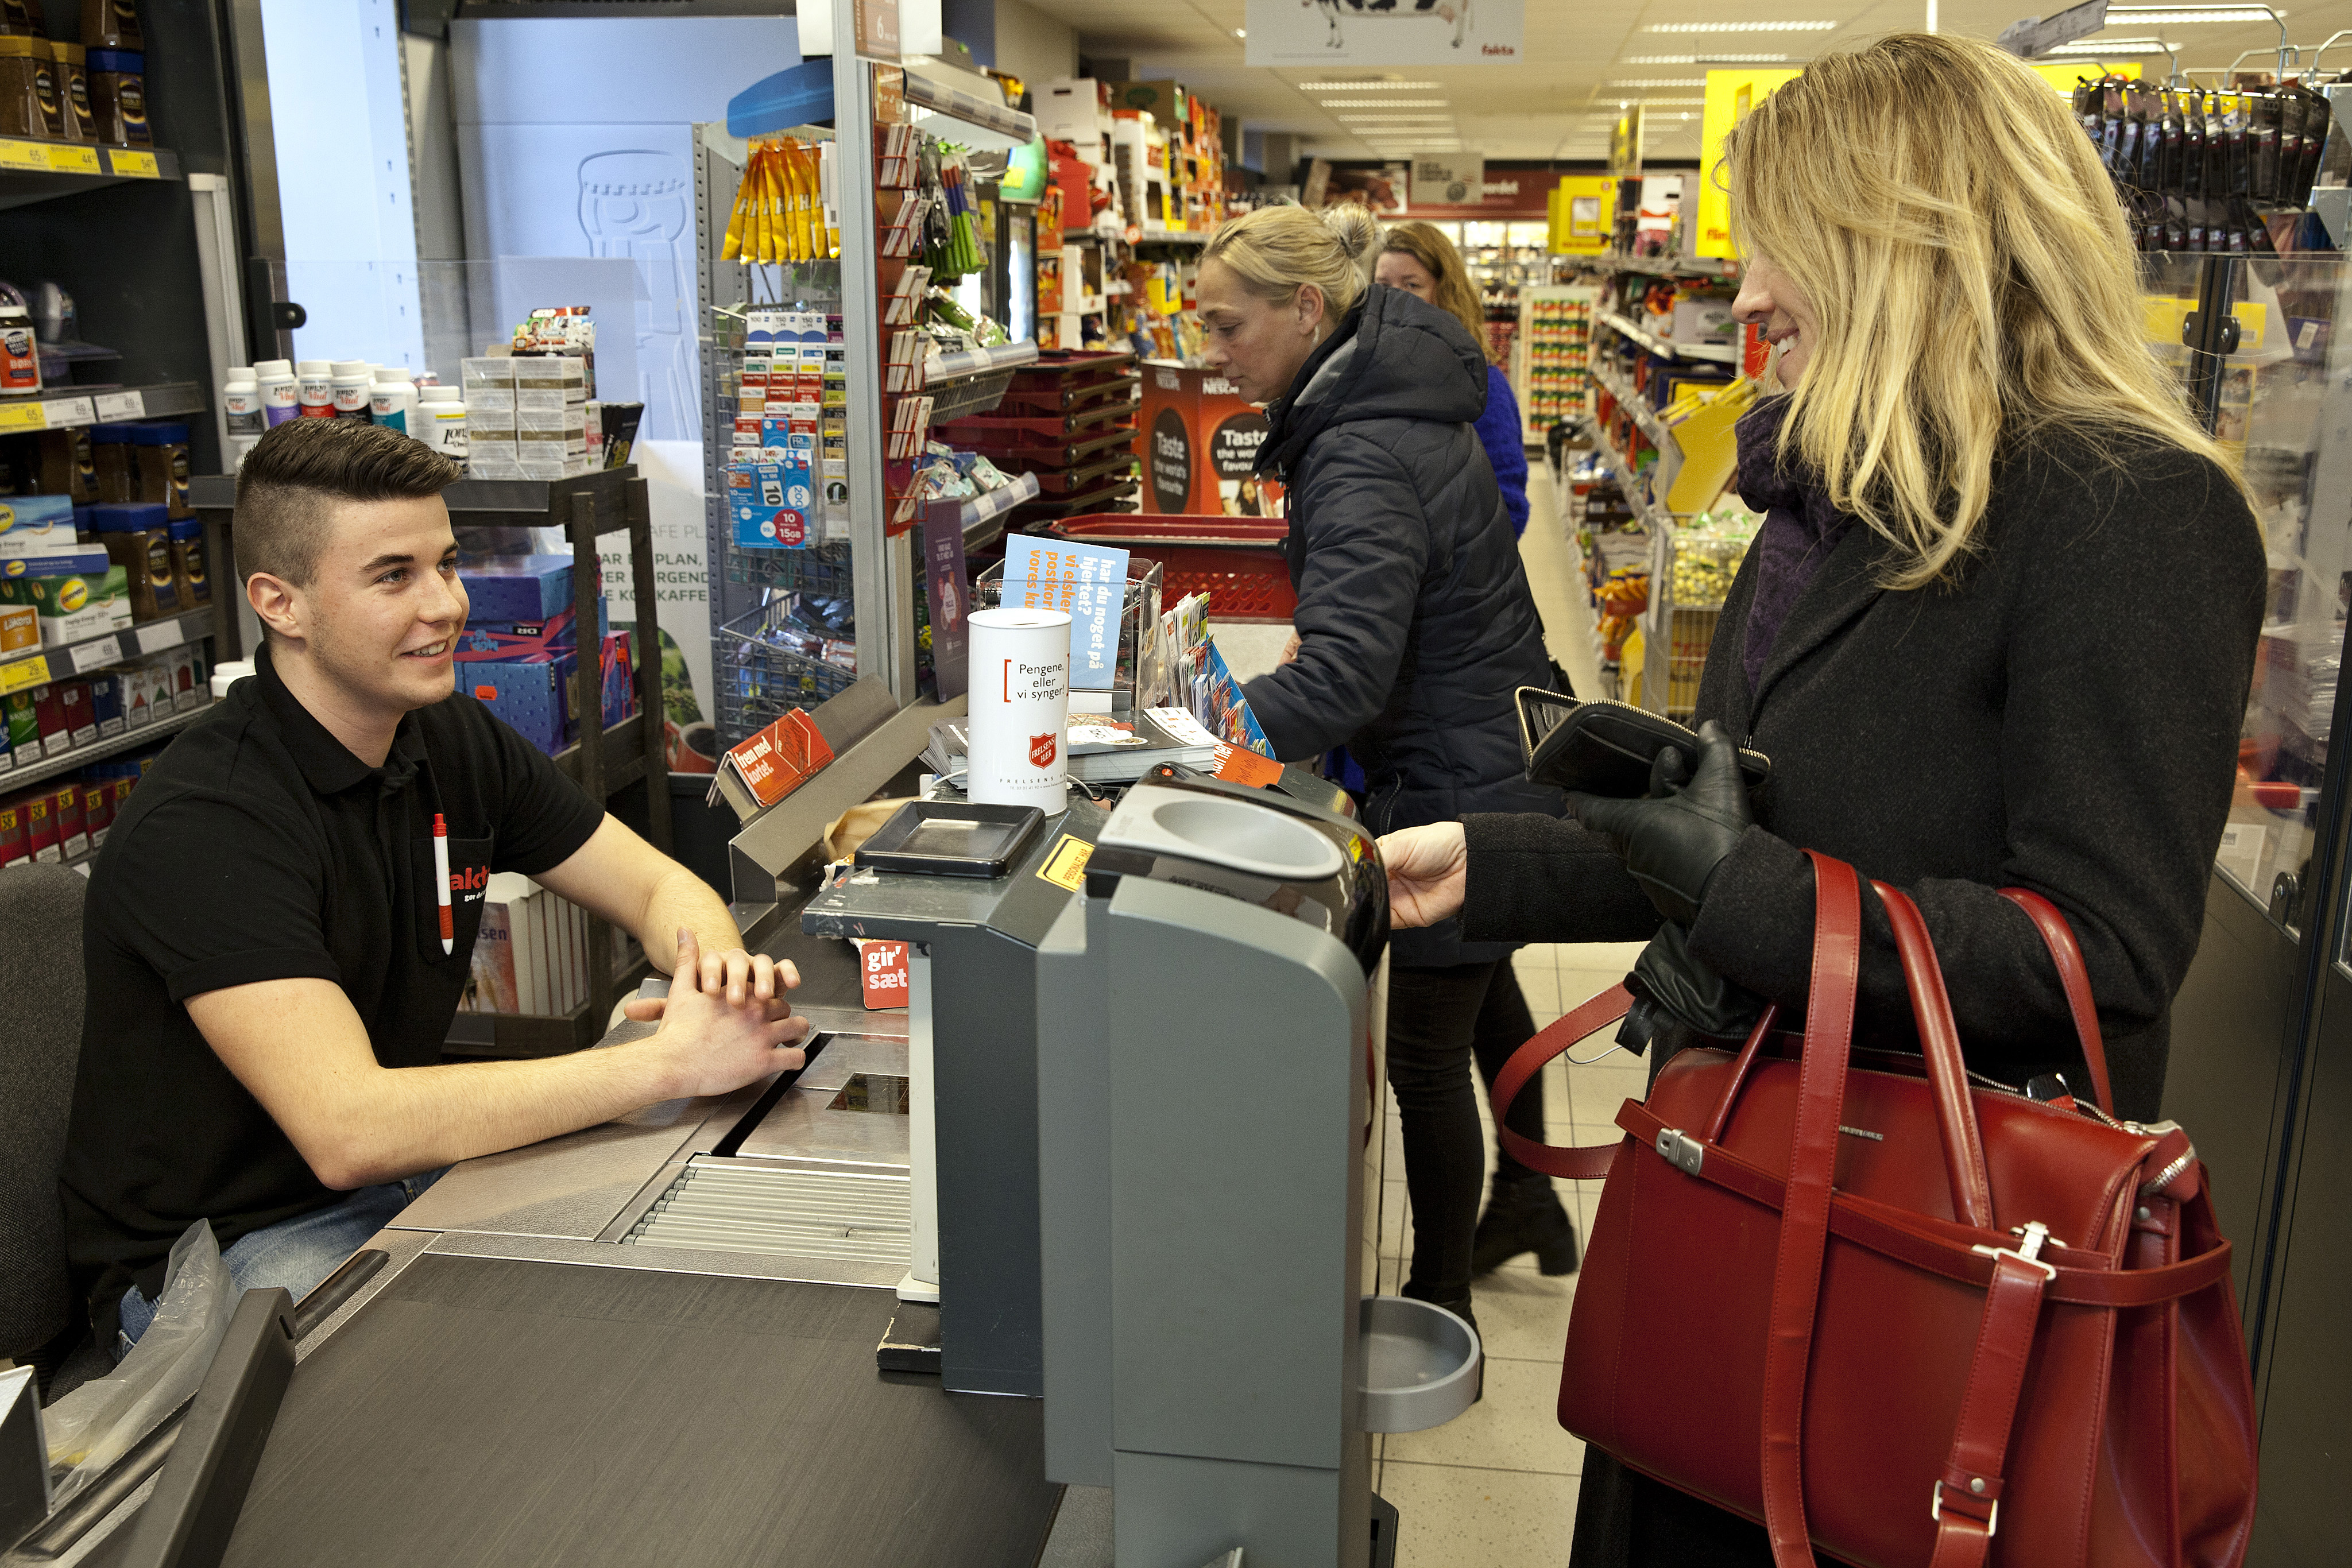 5b41c1b0d27 Fakta bruger musik i butikkerne